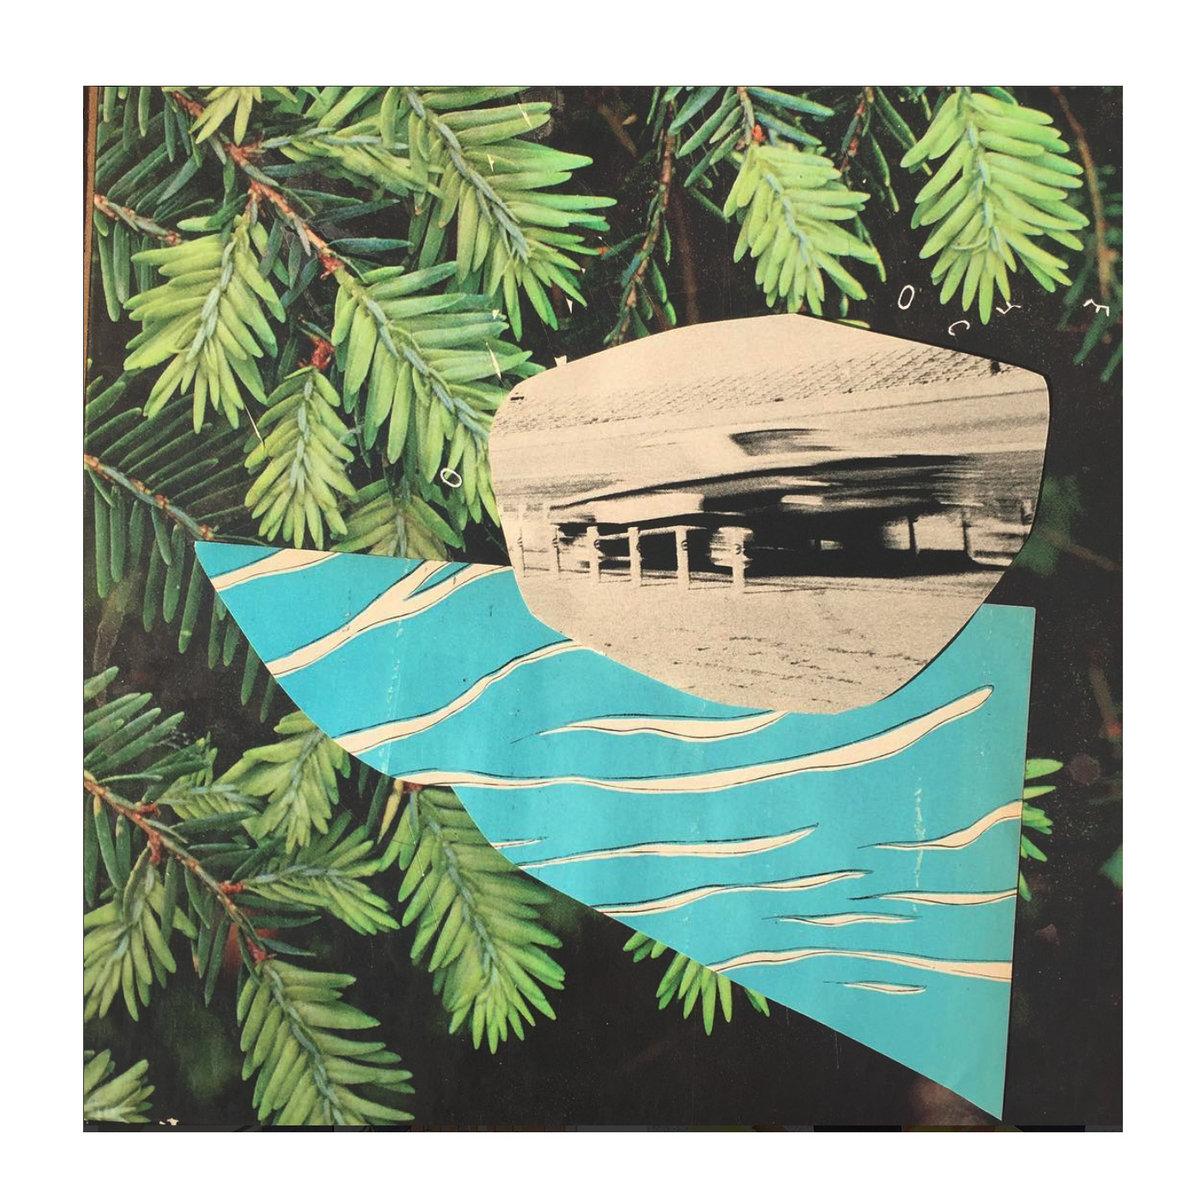 lost found glider